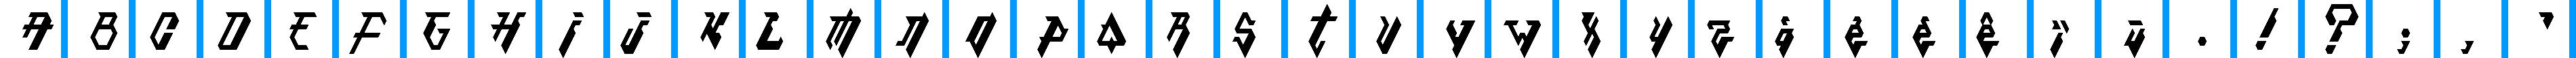 Particip-a-type v.31